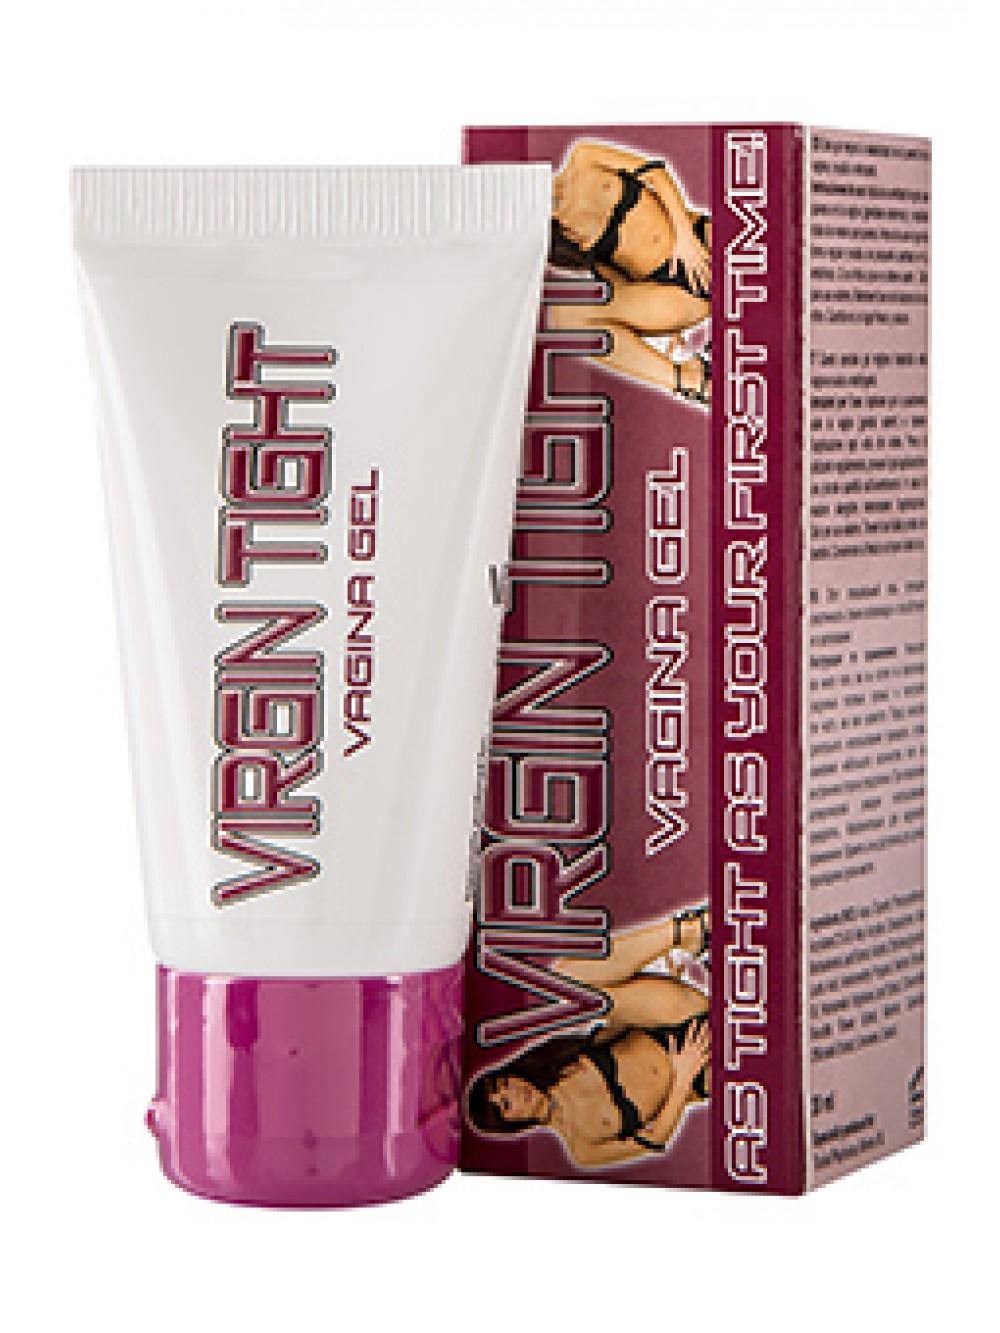 Crema Vaginale Astringente VIRGIN TIGHT 30 ML.